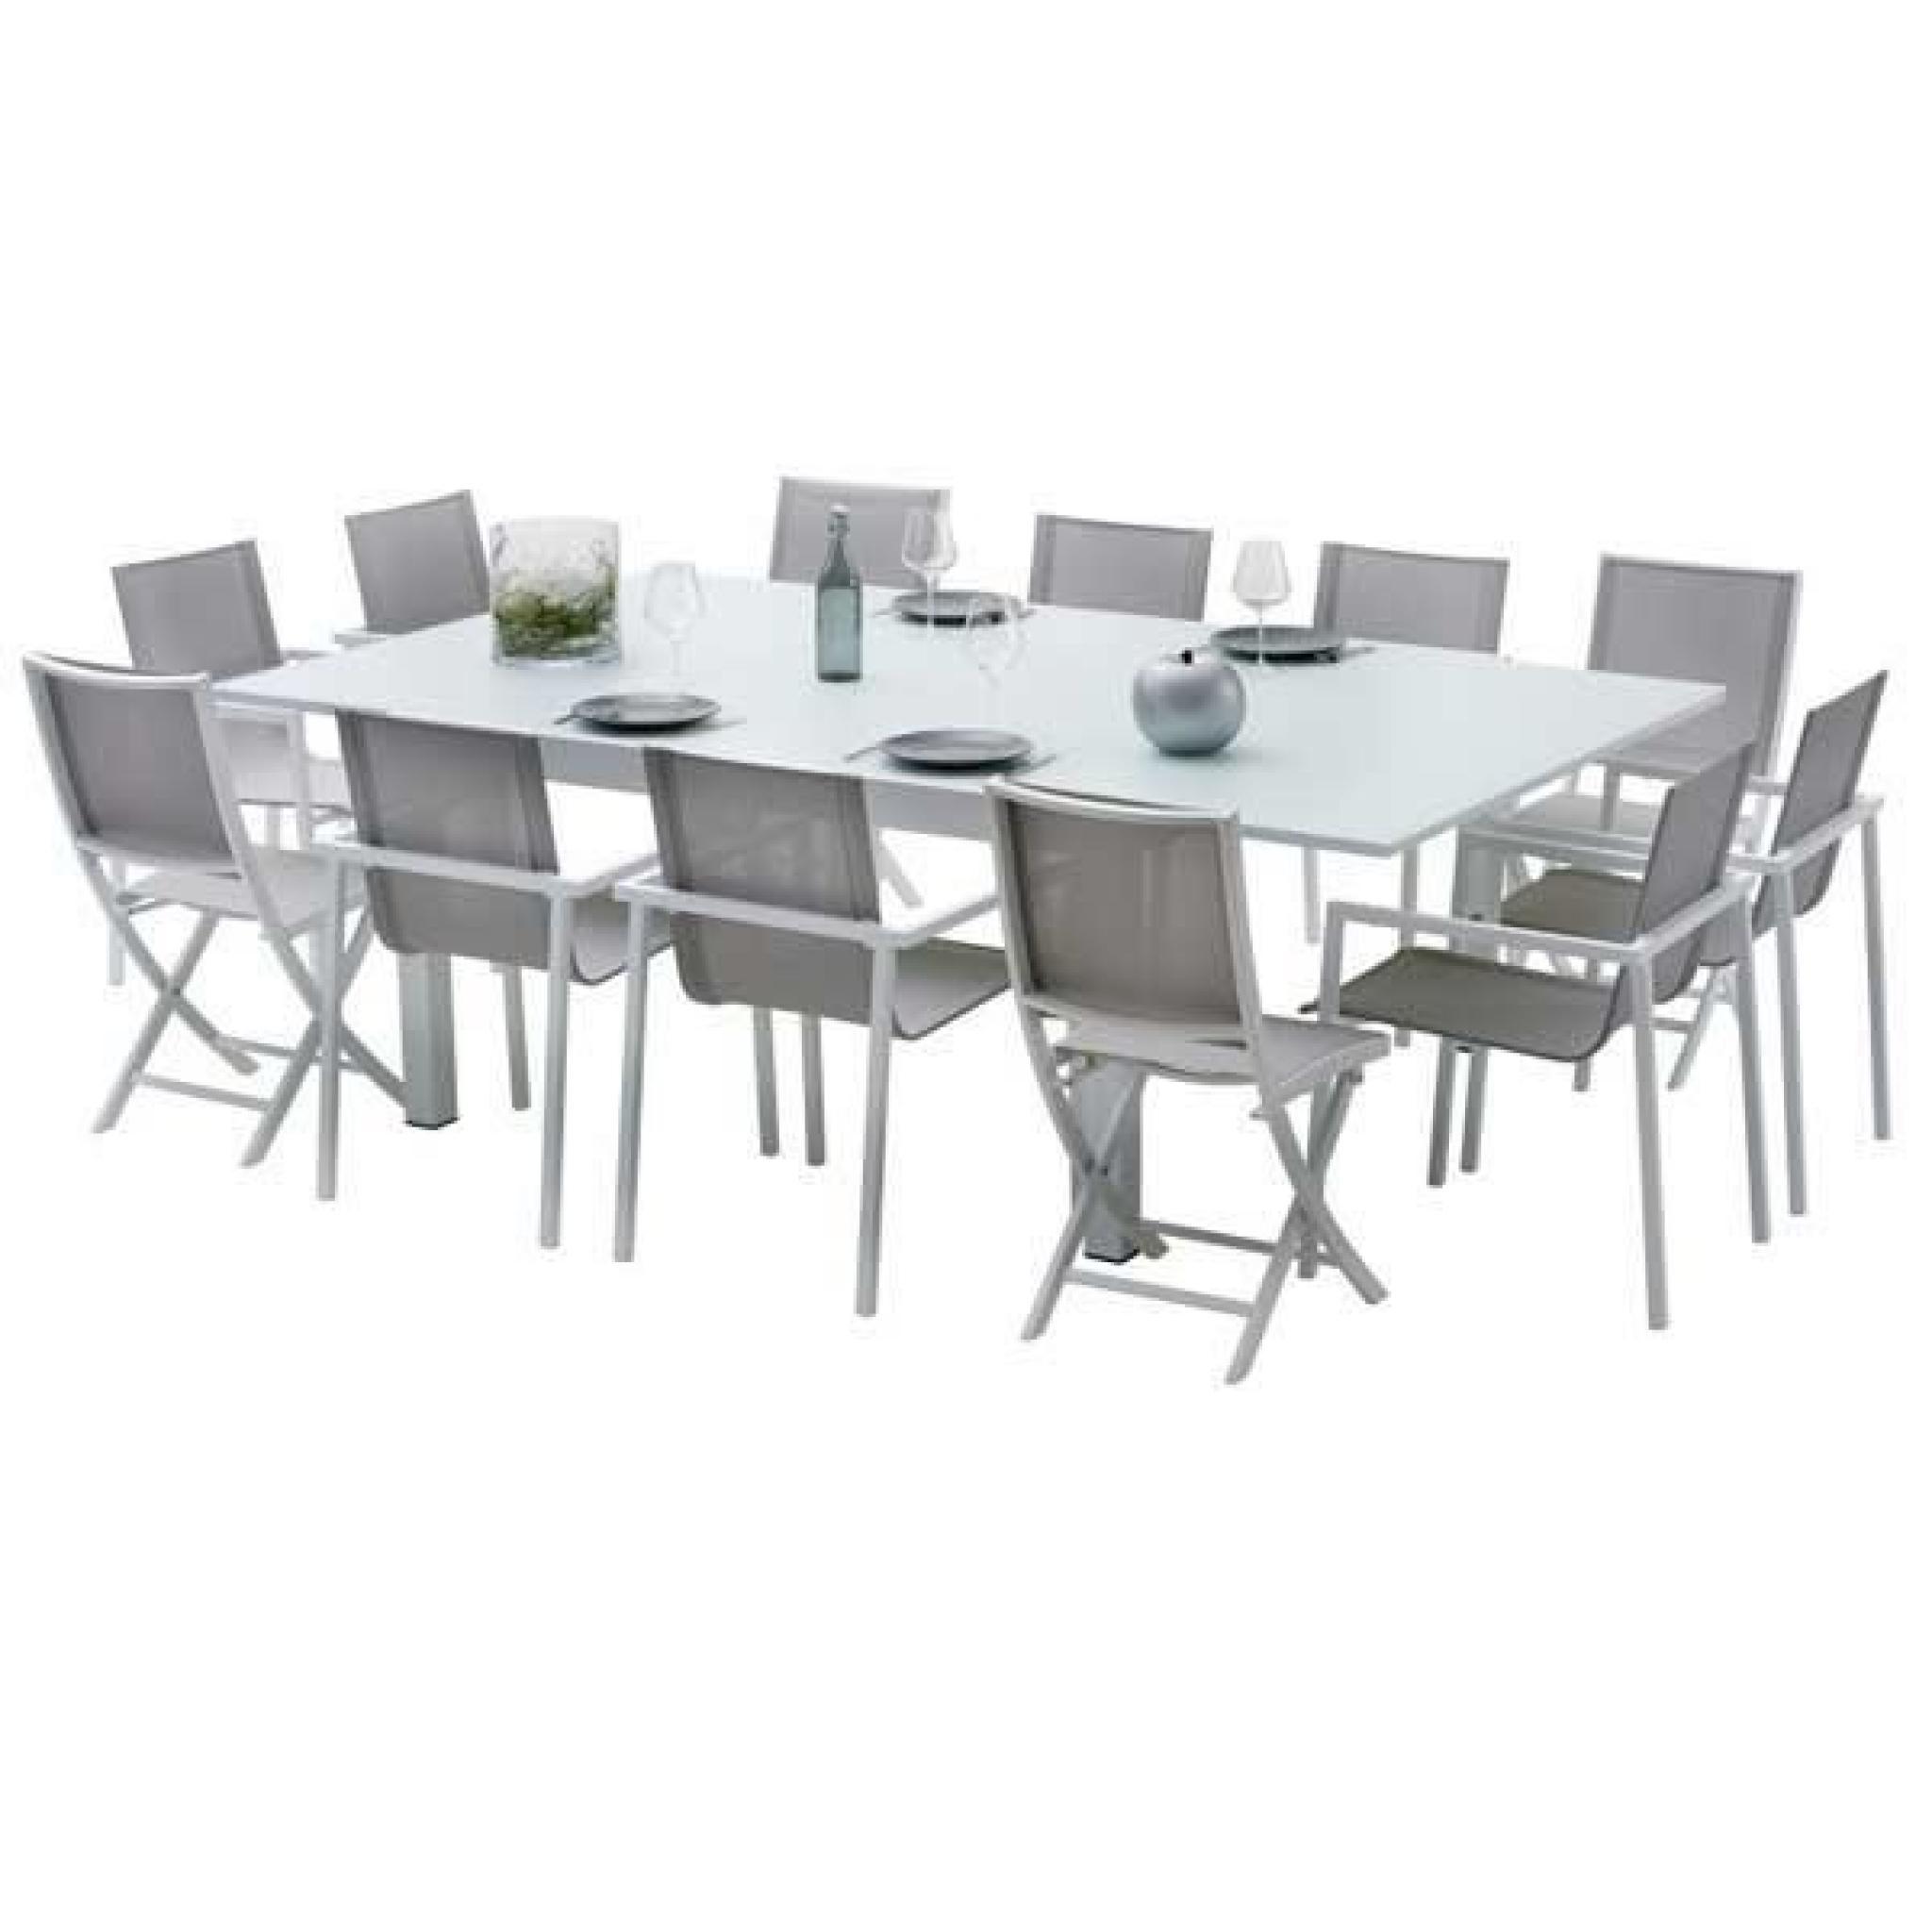 Ensemble Table Et Chaises De Jardin Extensibles Carre Whitestar 8 Places pour Table Et Chaises De Jardin Pas Cher